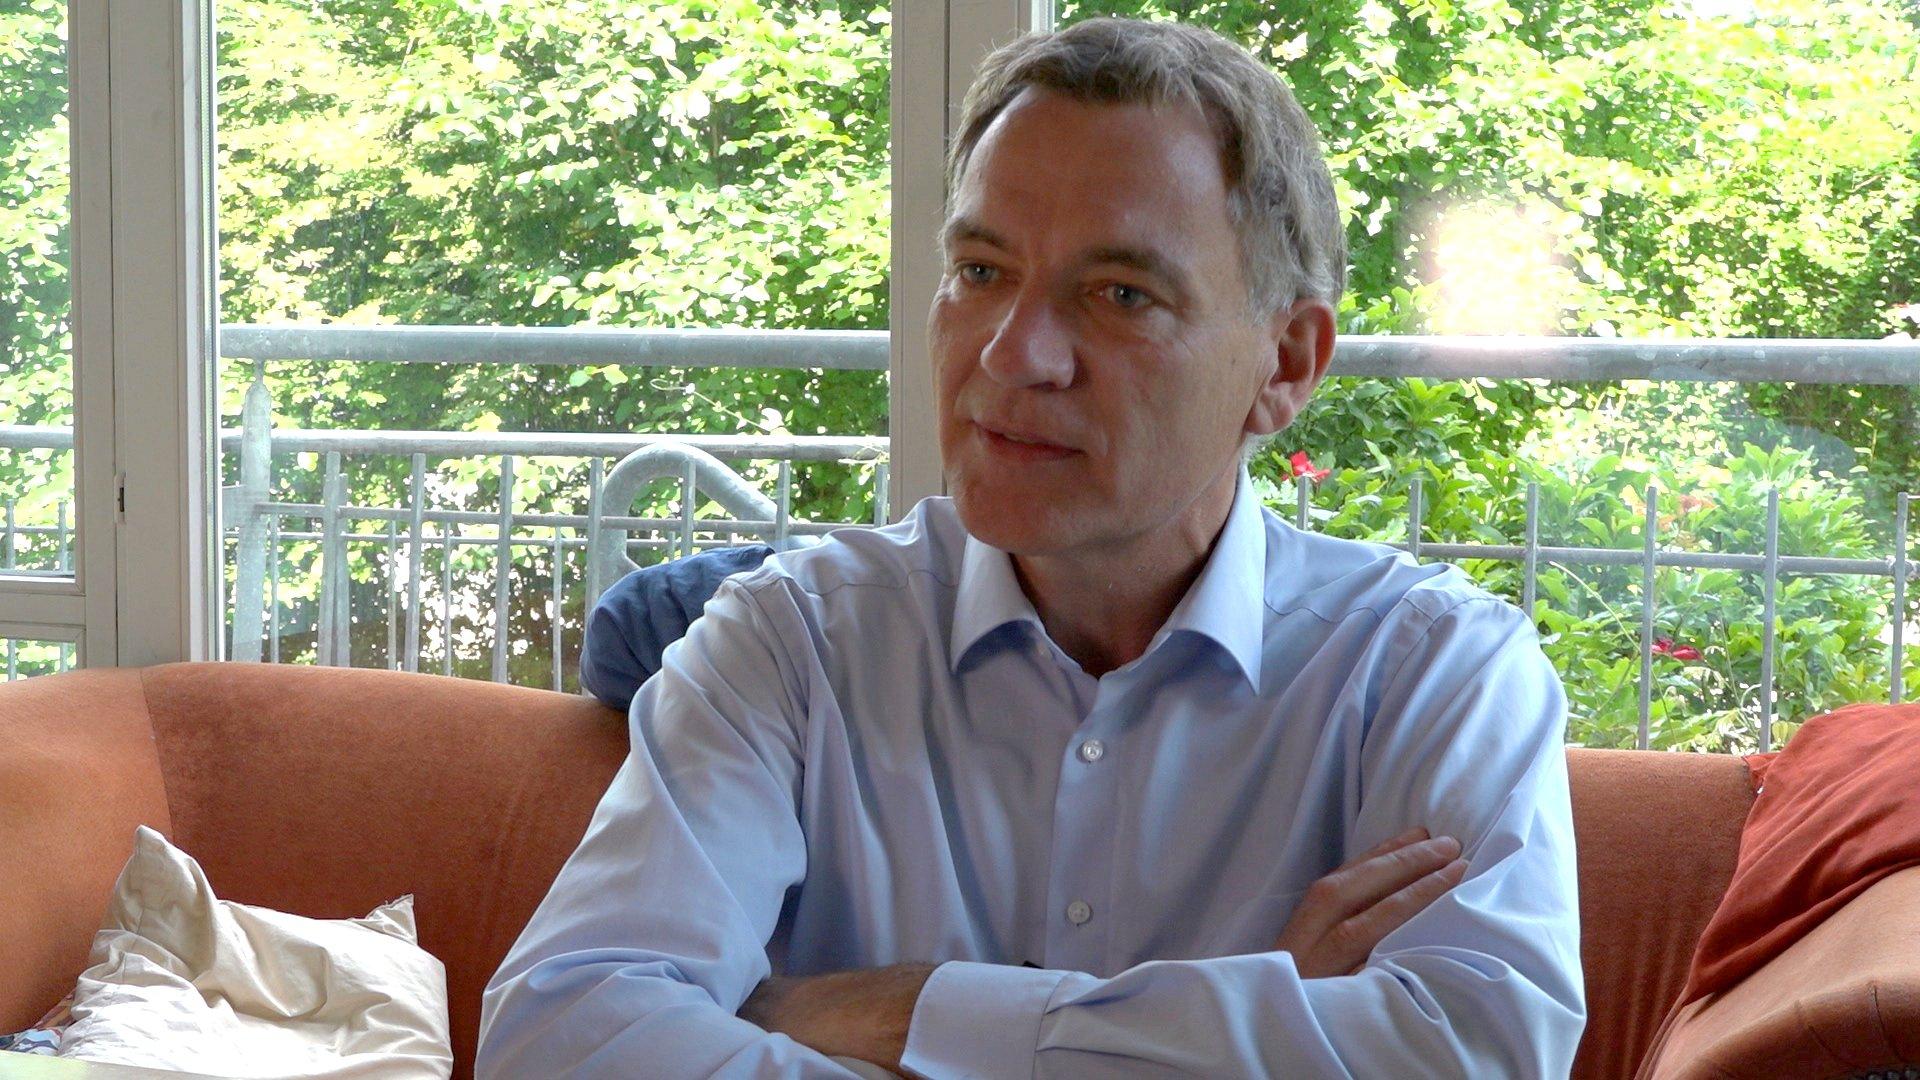 G20-Gipfel: Jan van Aken (DIE LINKE) über Protest und Gewalt